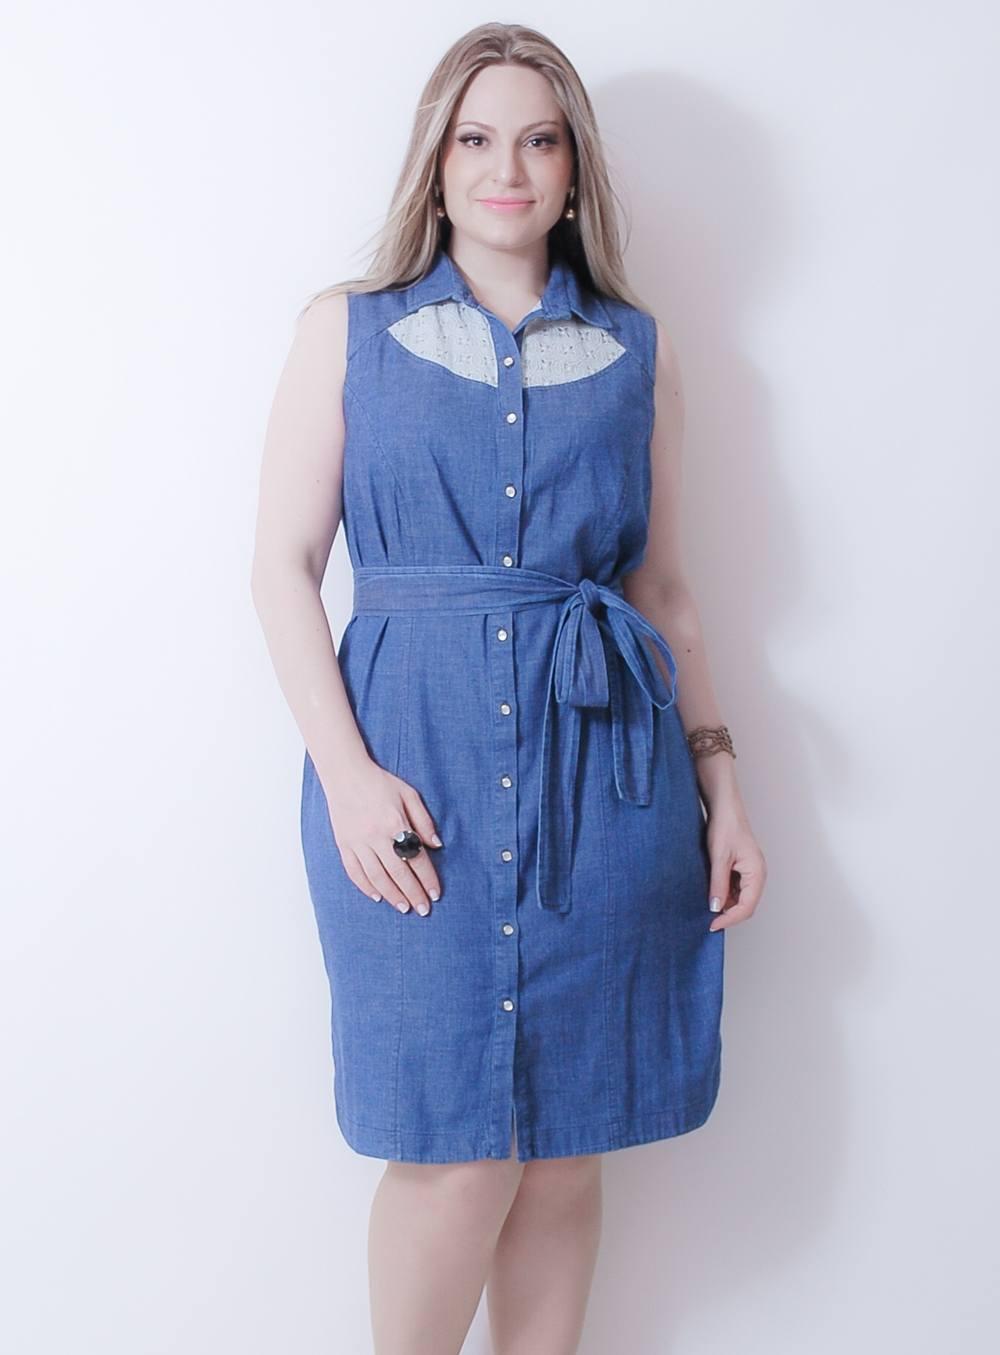 Vestido em Jeans Nicky Hilton ref. EP251524